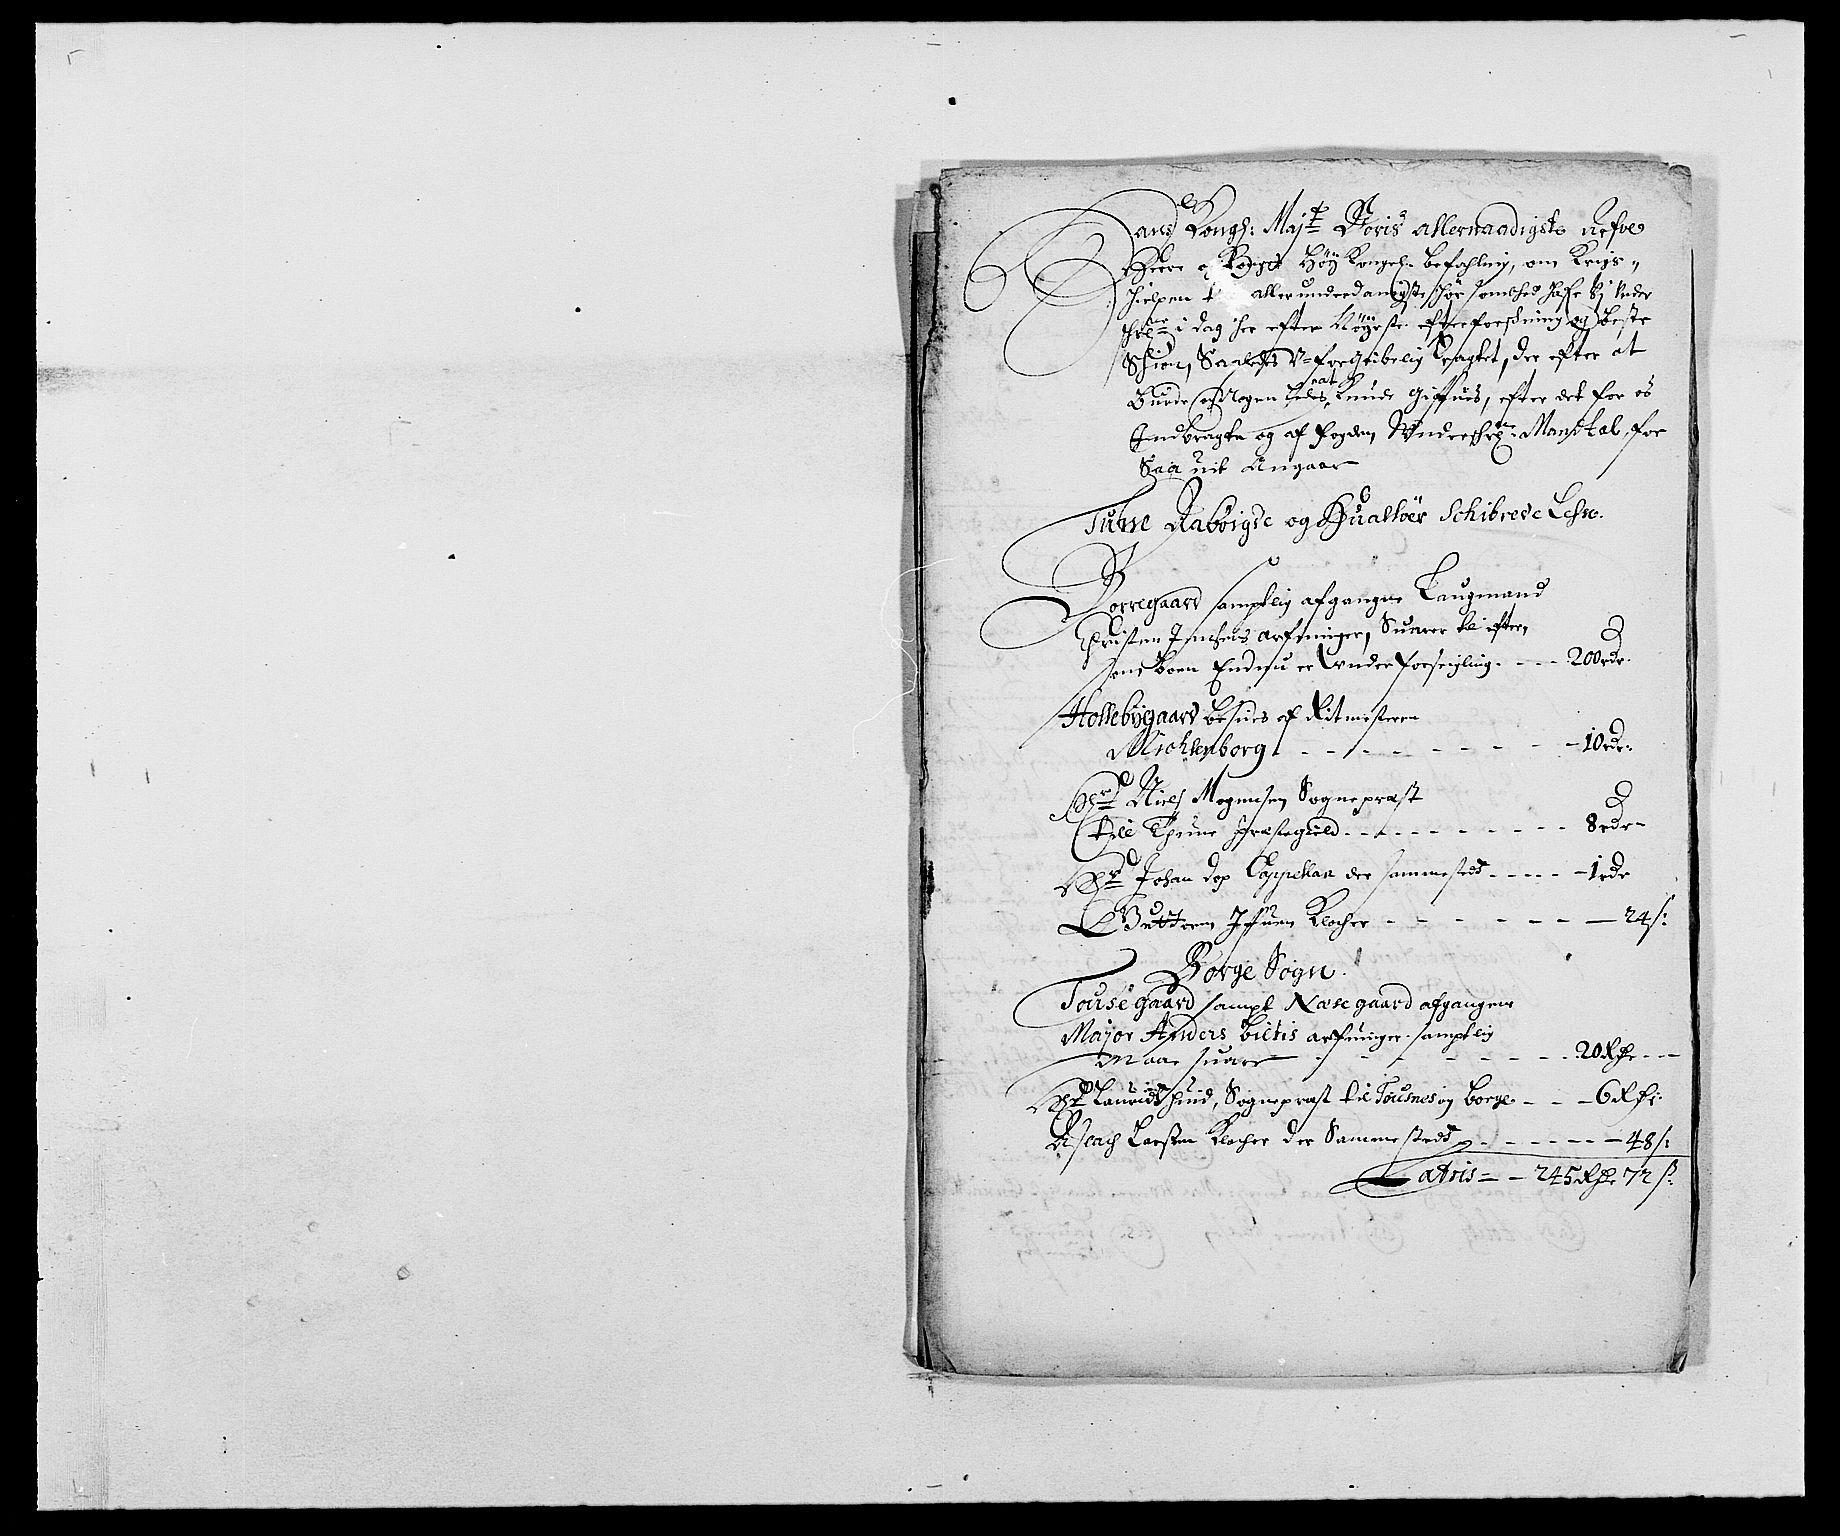 RA, Rentekammeret inntil 1814, Reviderte regnskaper, Fogderegnskap, R03/L0114: Fogderegnskap Onsøy, Tune, Veme og Åbygge fogderi, 1678-1683, s. 436